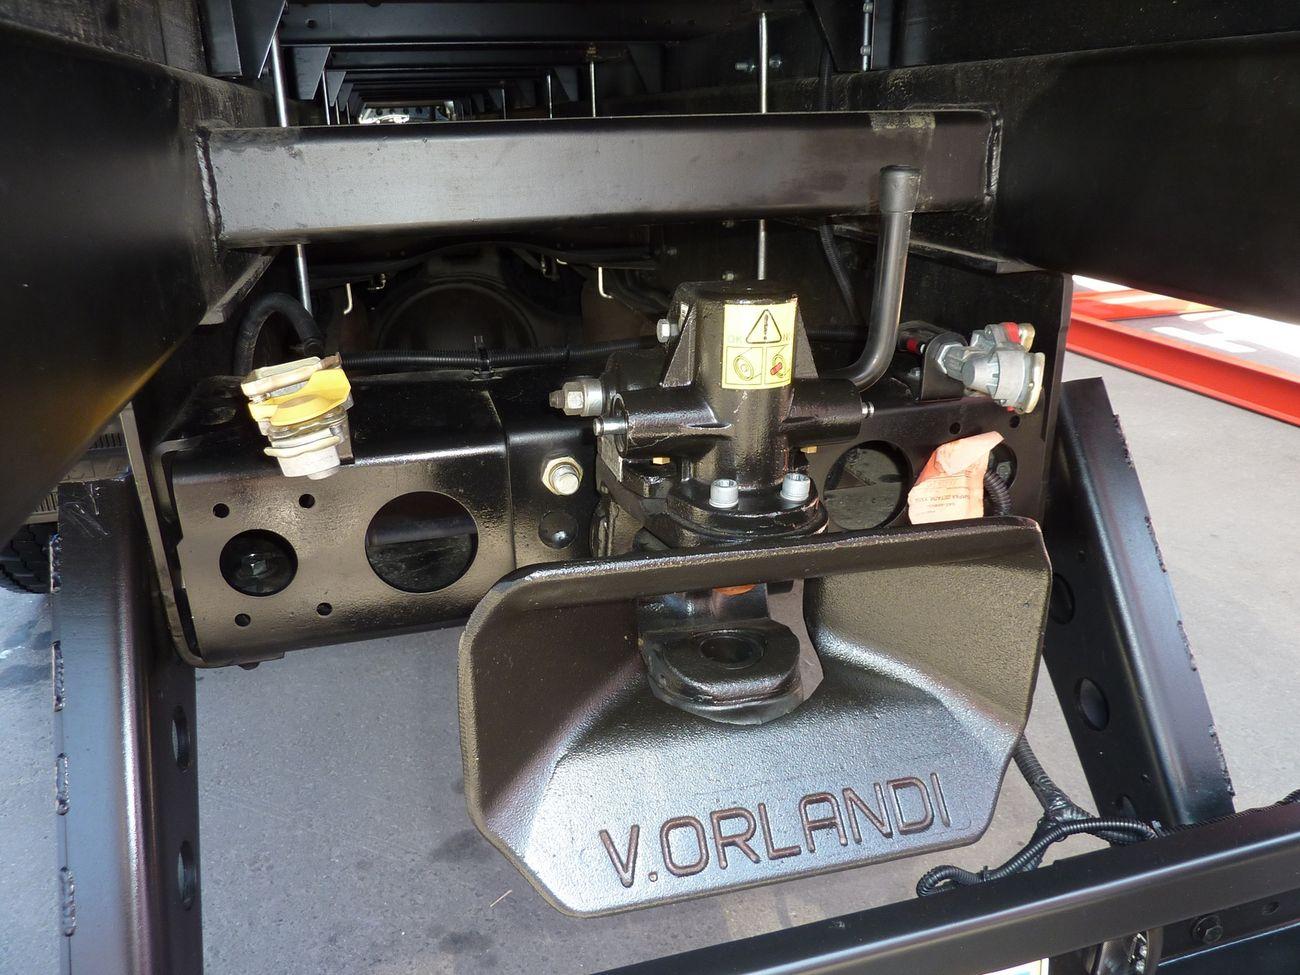 Беззазорное тягово-сцепное устройство фирмы V.Orlandi свидетельствует о возможности использования машины с прицепом массой до 18 т